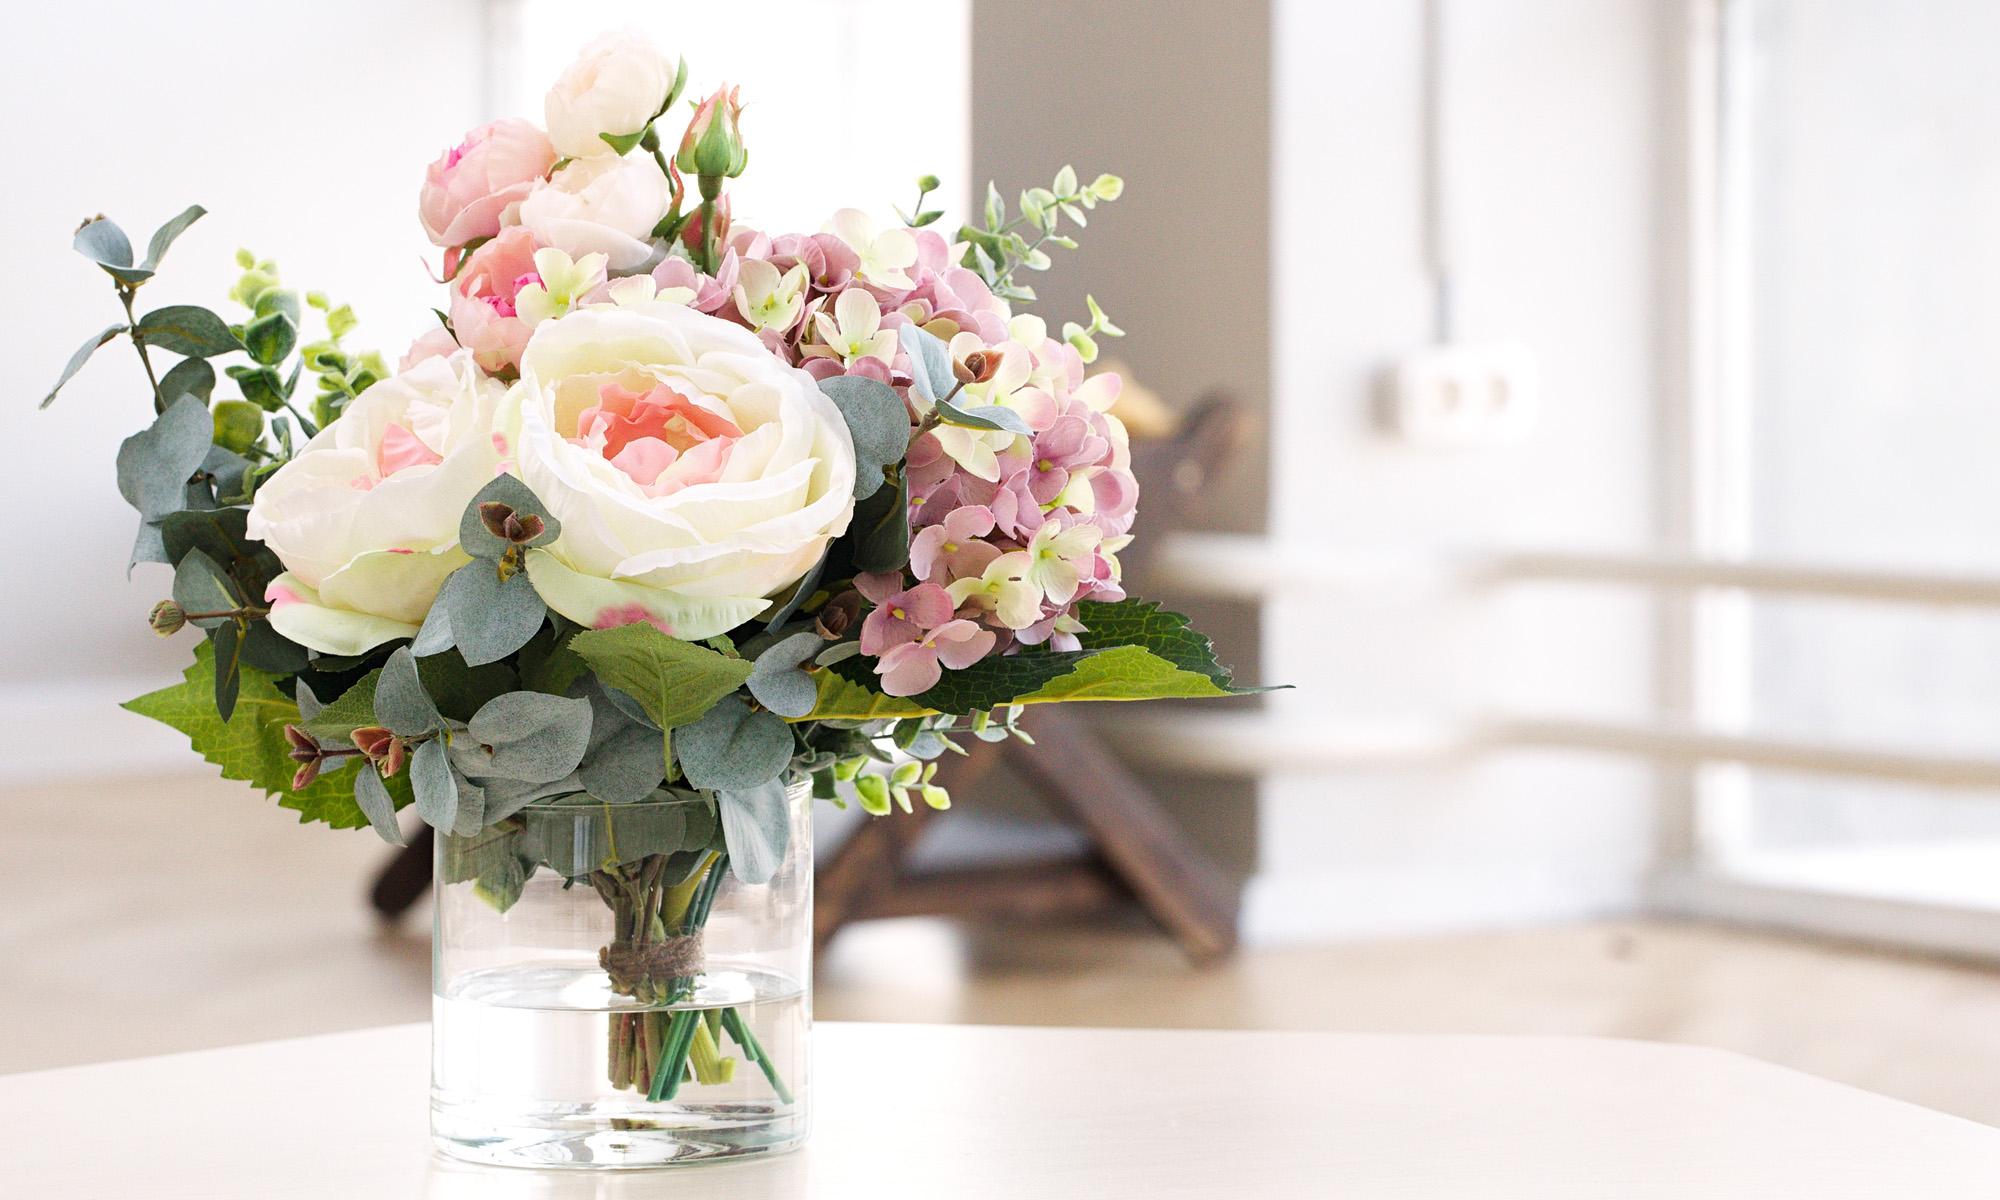 Купить Композиция из искусственных цветов - пудровая гортензия, розы, эвкалипт, inmyroom, Россия